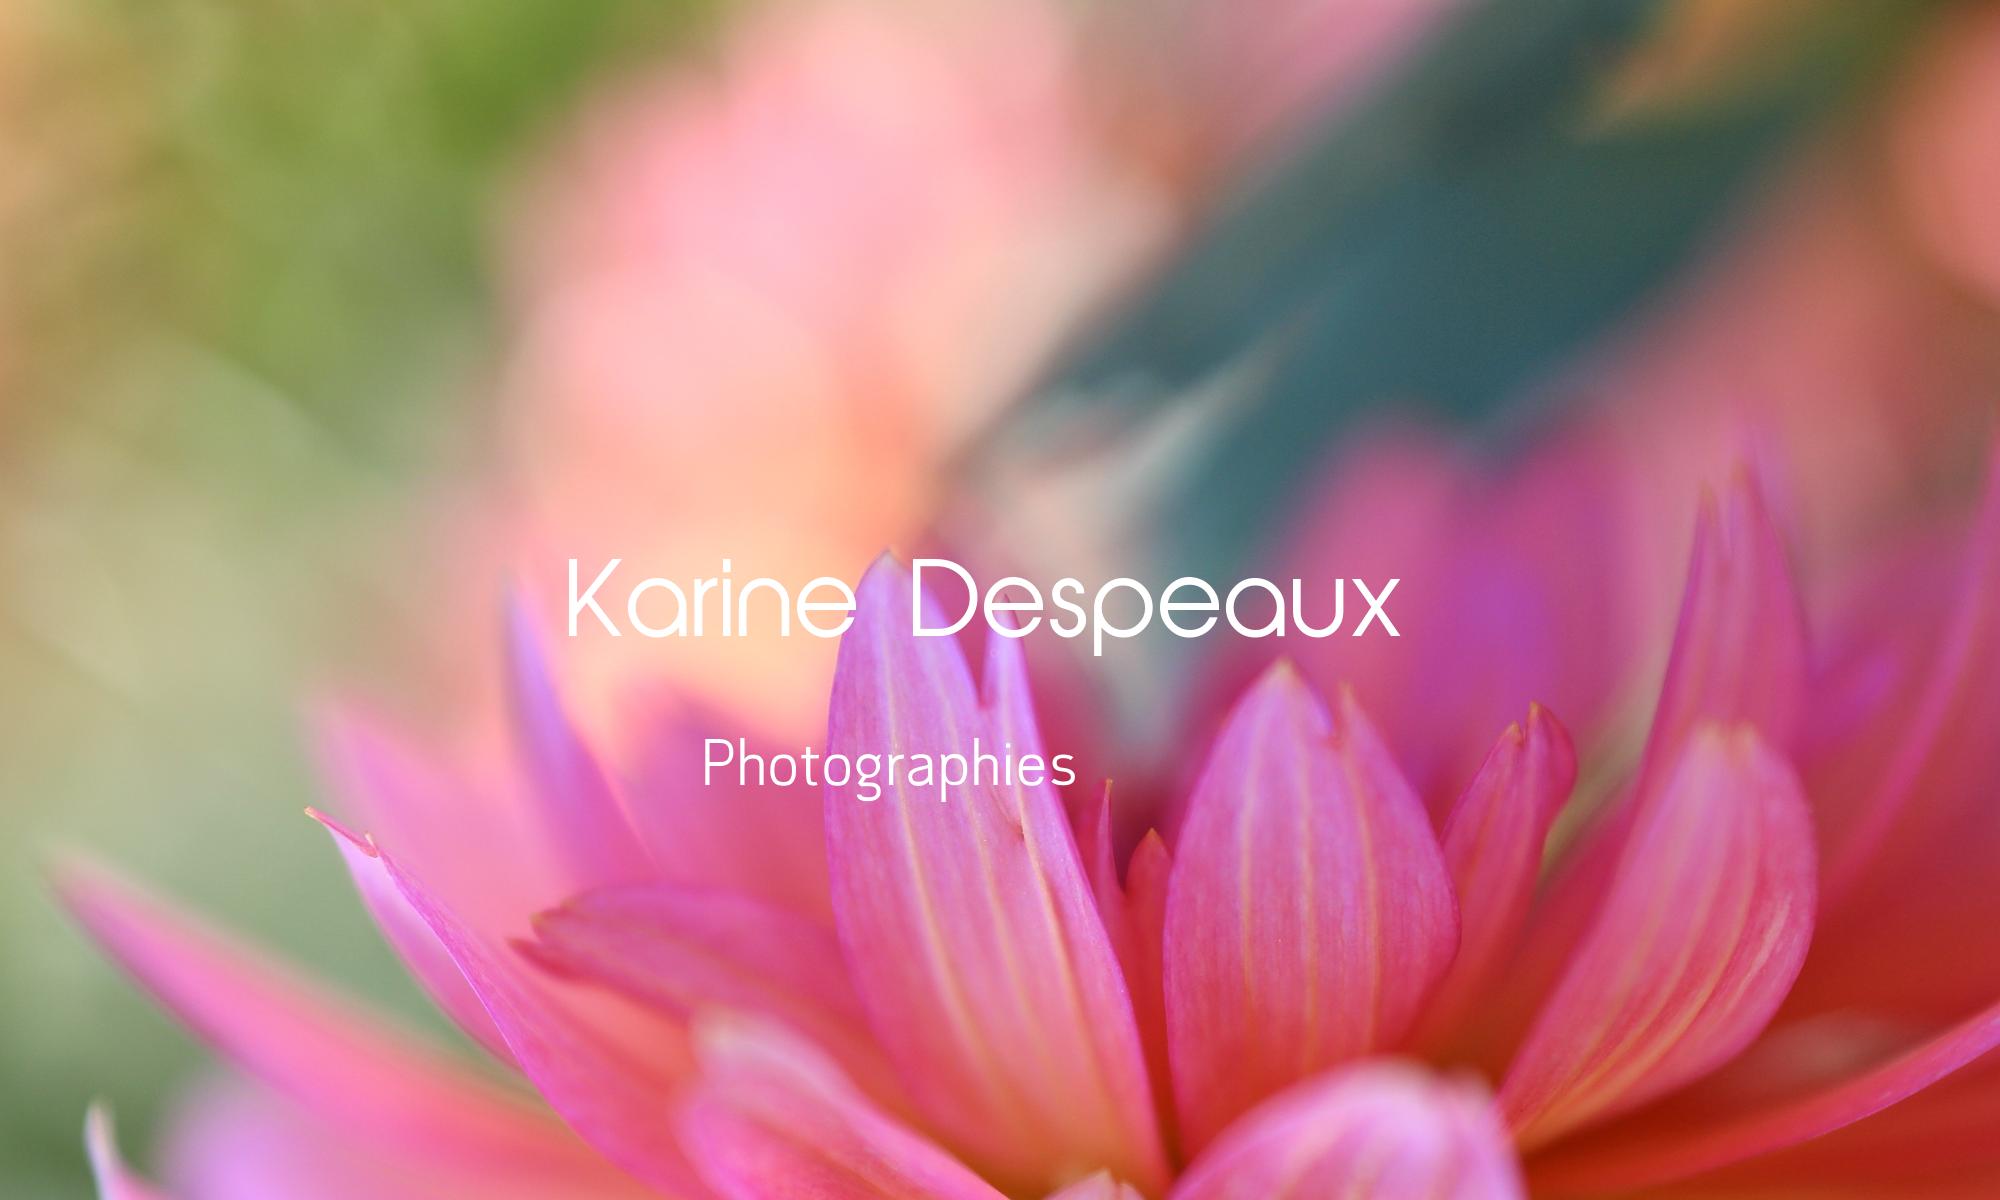 Karine Despeaux